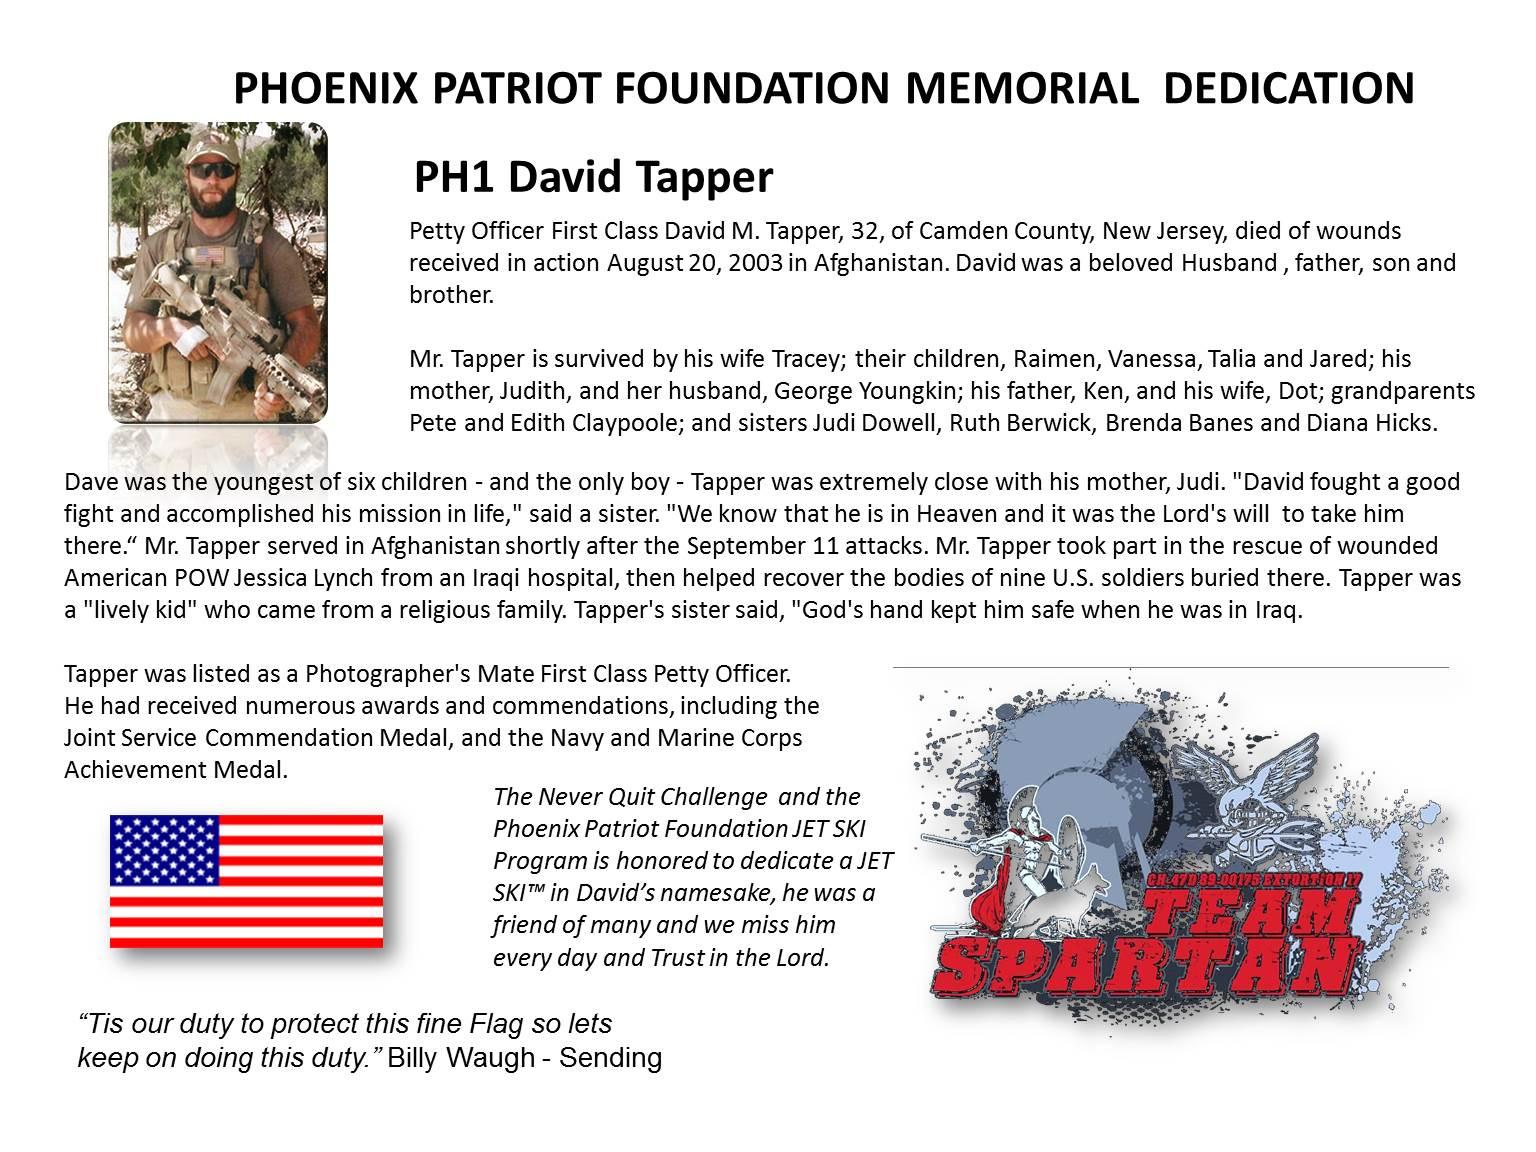 PPF MEMORIAL DAVID TAPPER.jpg